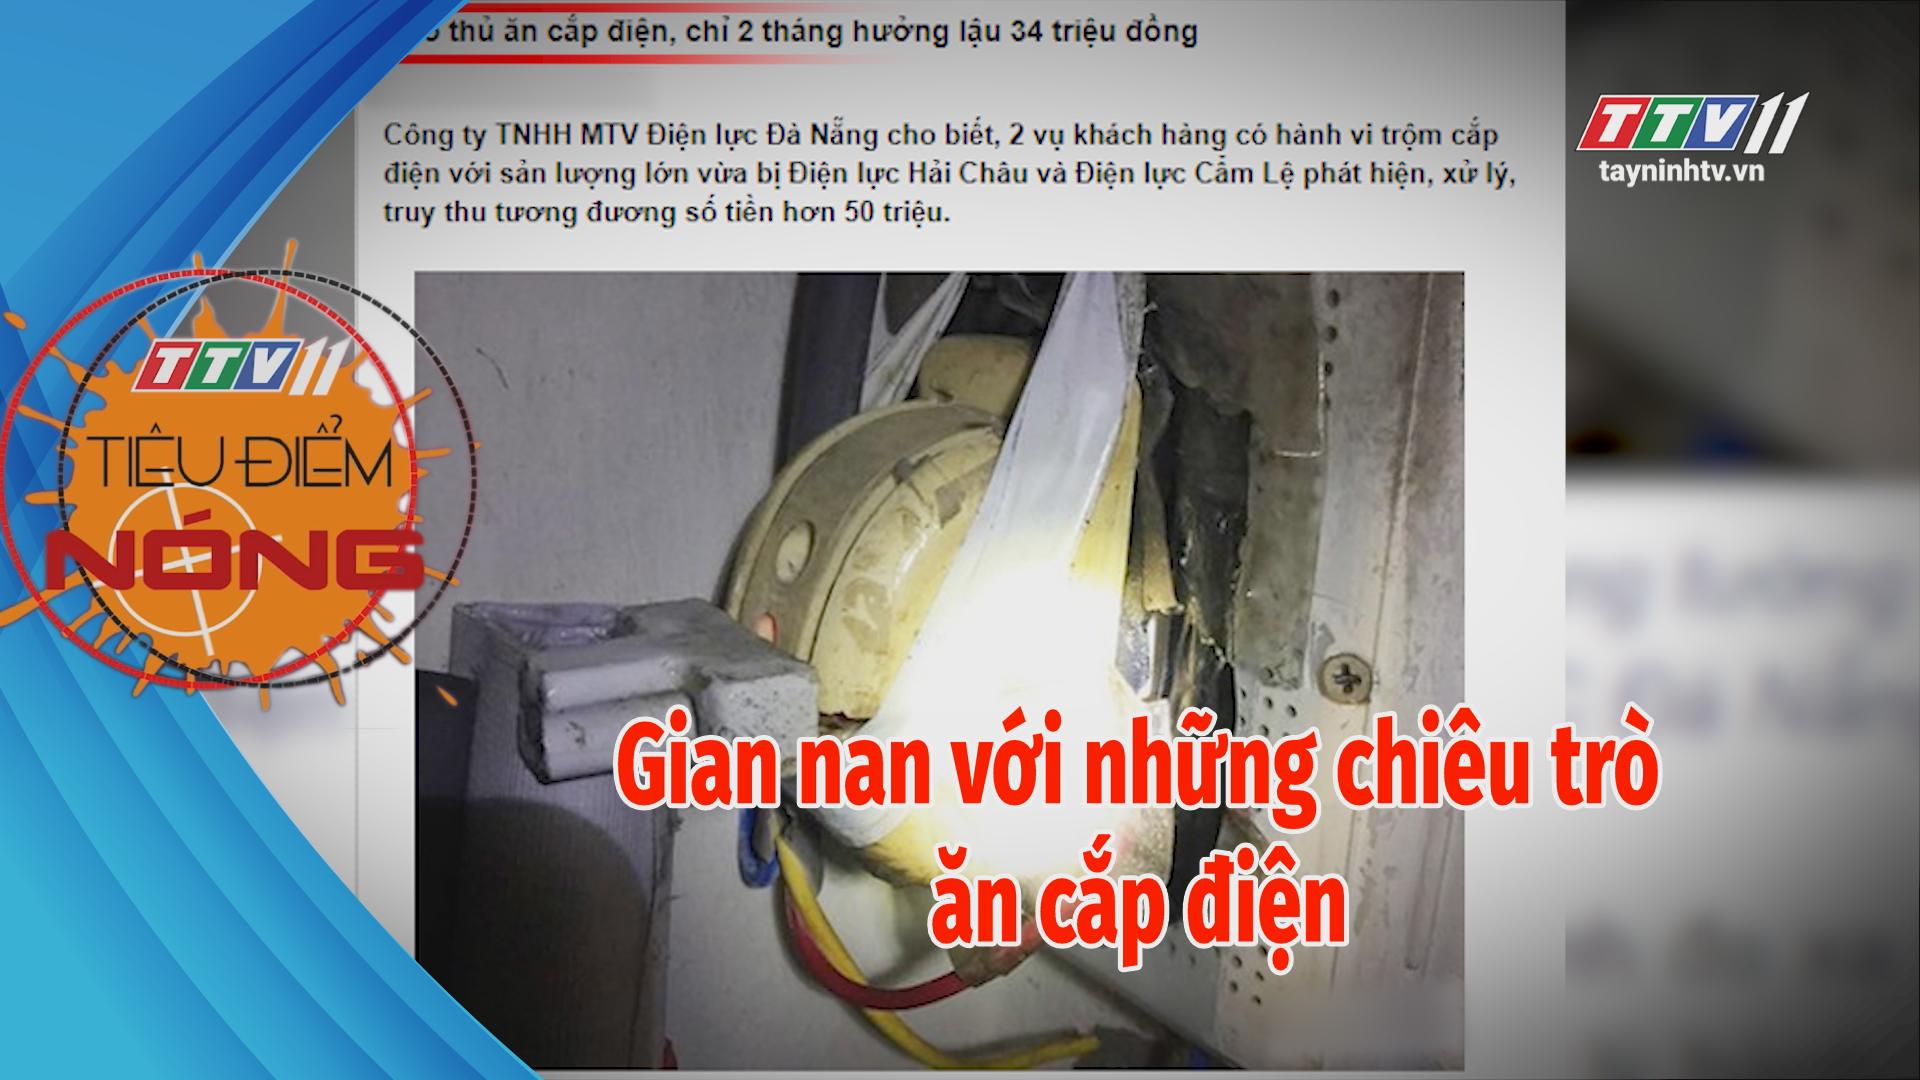 Gian nan với những chiêu trò ăn cắp điện | TIÊU ĐIỂM NÓNG | Tây Ninh TV